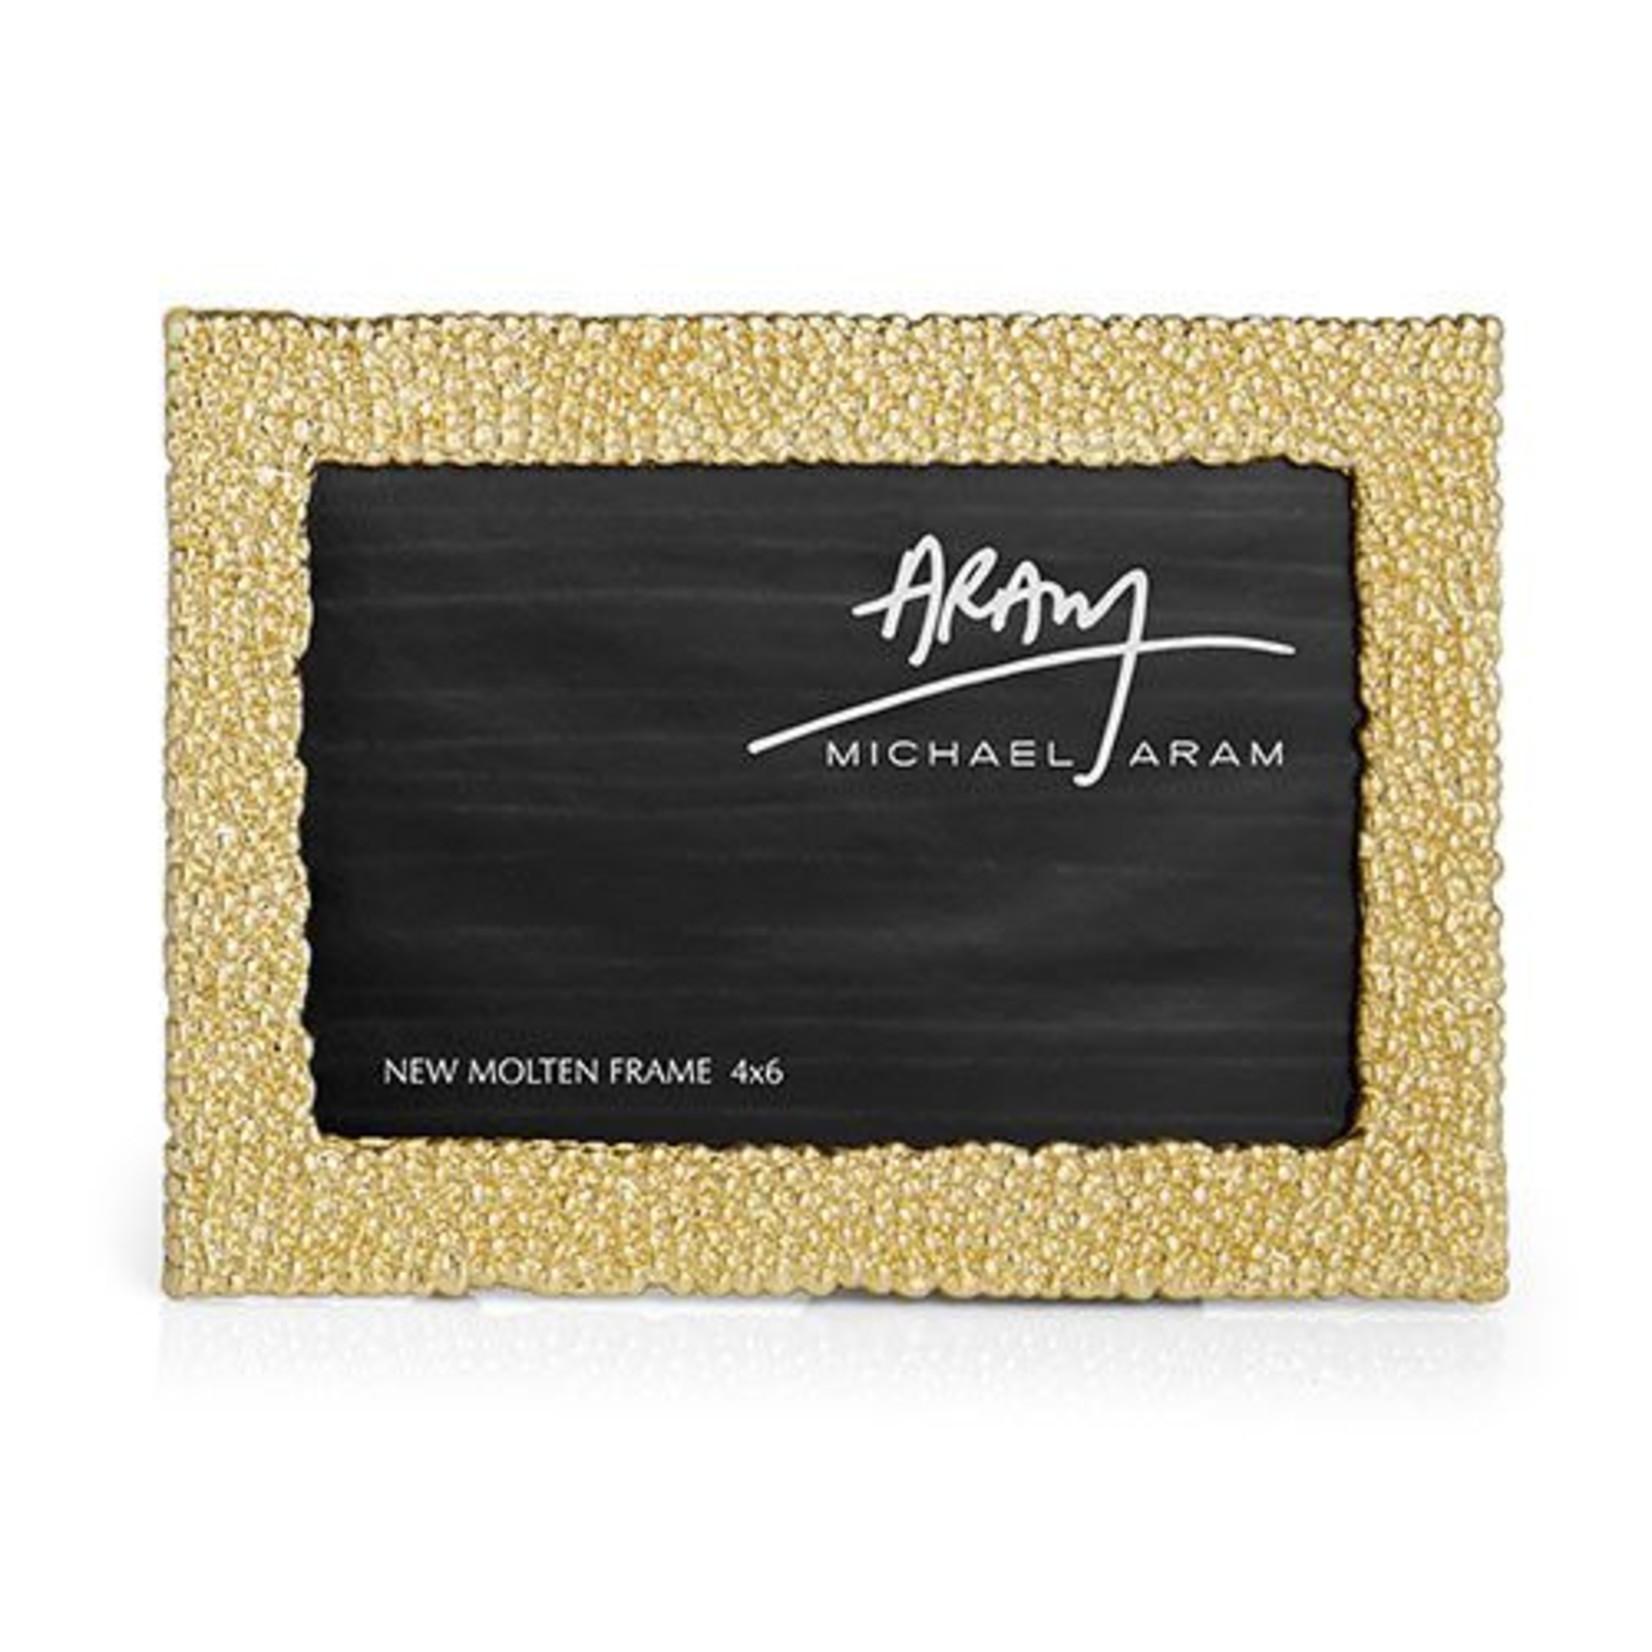 Michael Aram New Molten Gold Frame 4x6